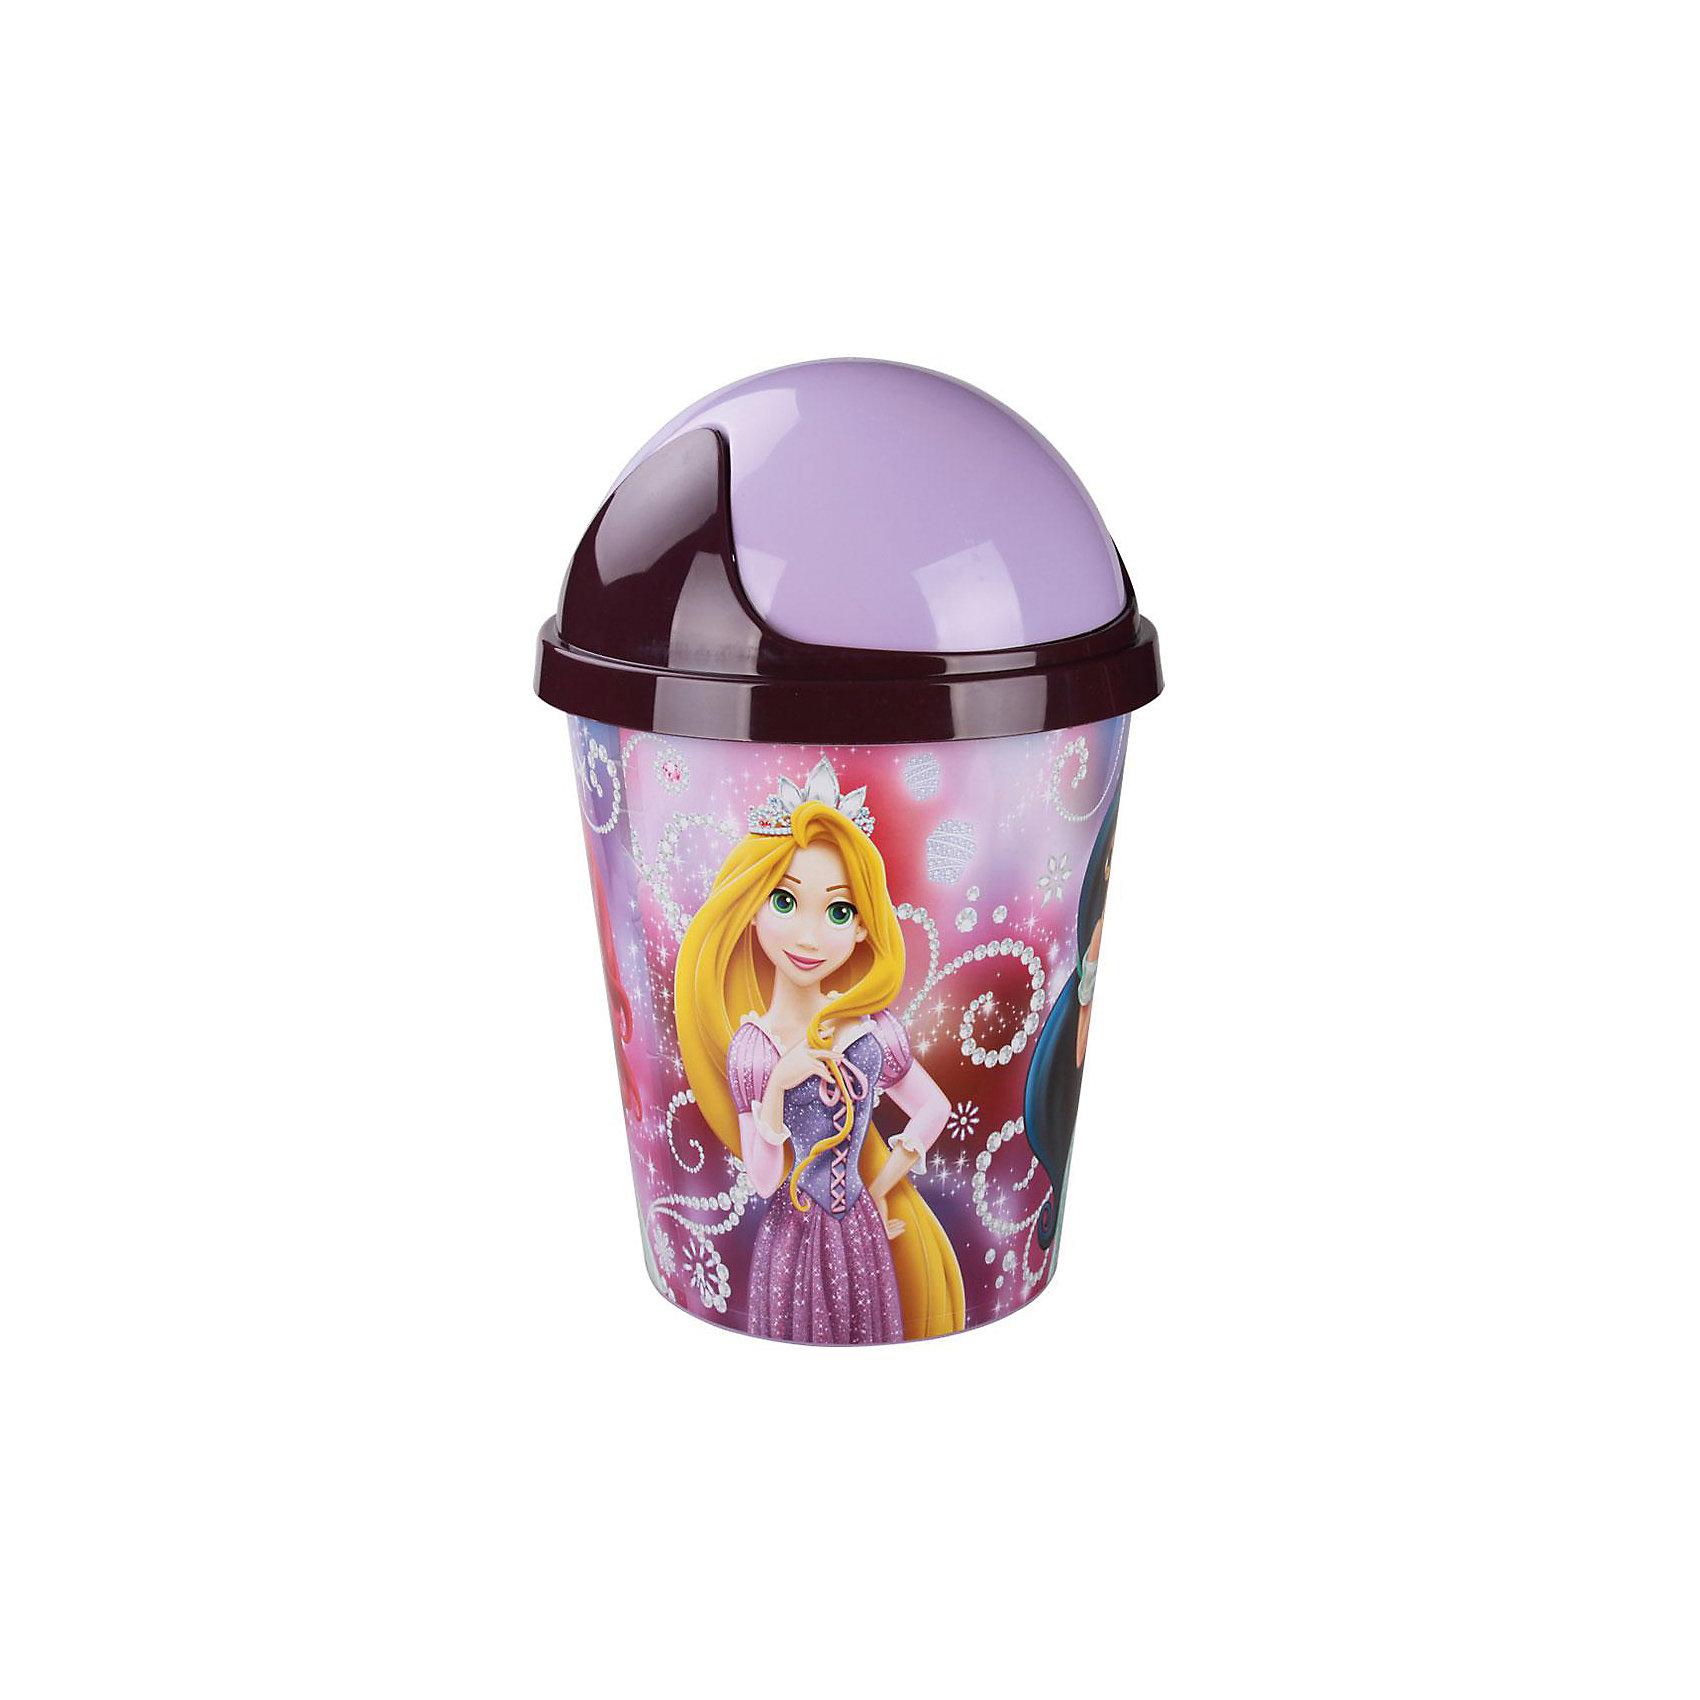 Alternativa Контейнер для мусора  Принцессы-Дисней 10л ,  Alternativa hasbro кукла рапунцель принцессы дисней